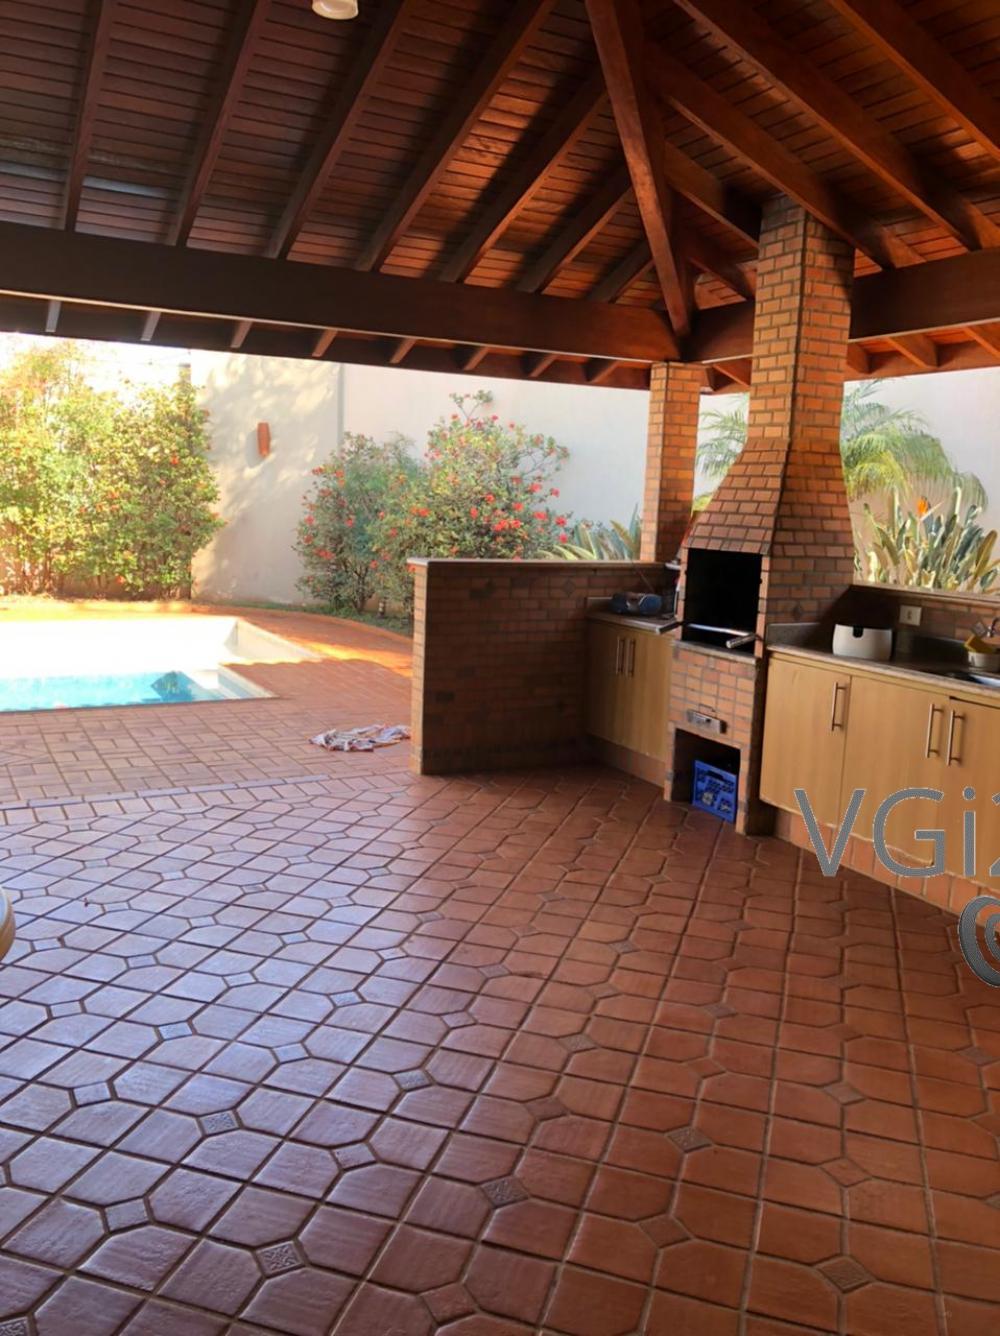 Comprar Casa / Padrão em Ribeirão Preto R$ 980.000,00 - Foto 8